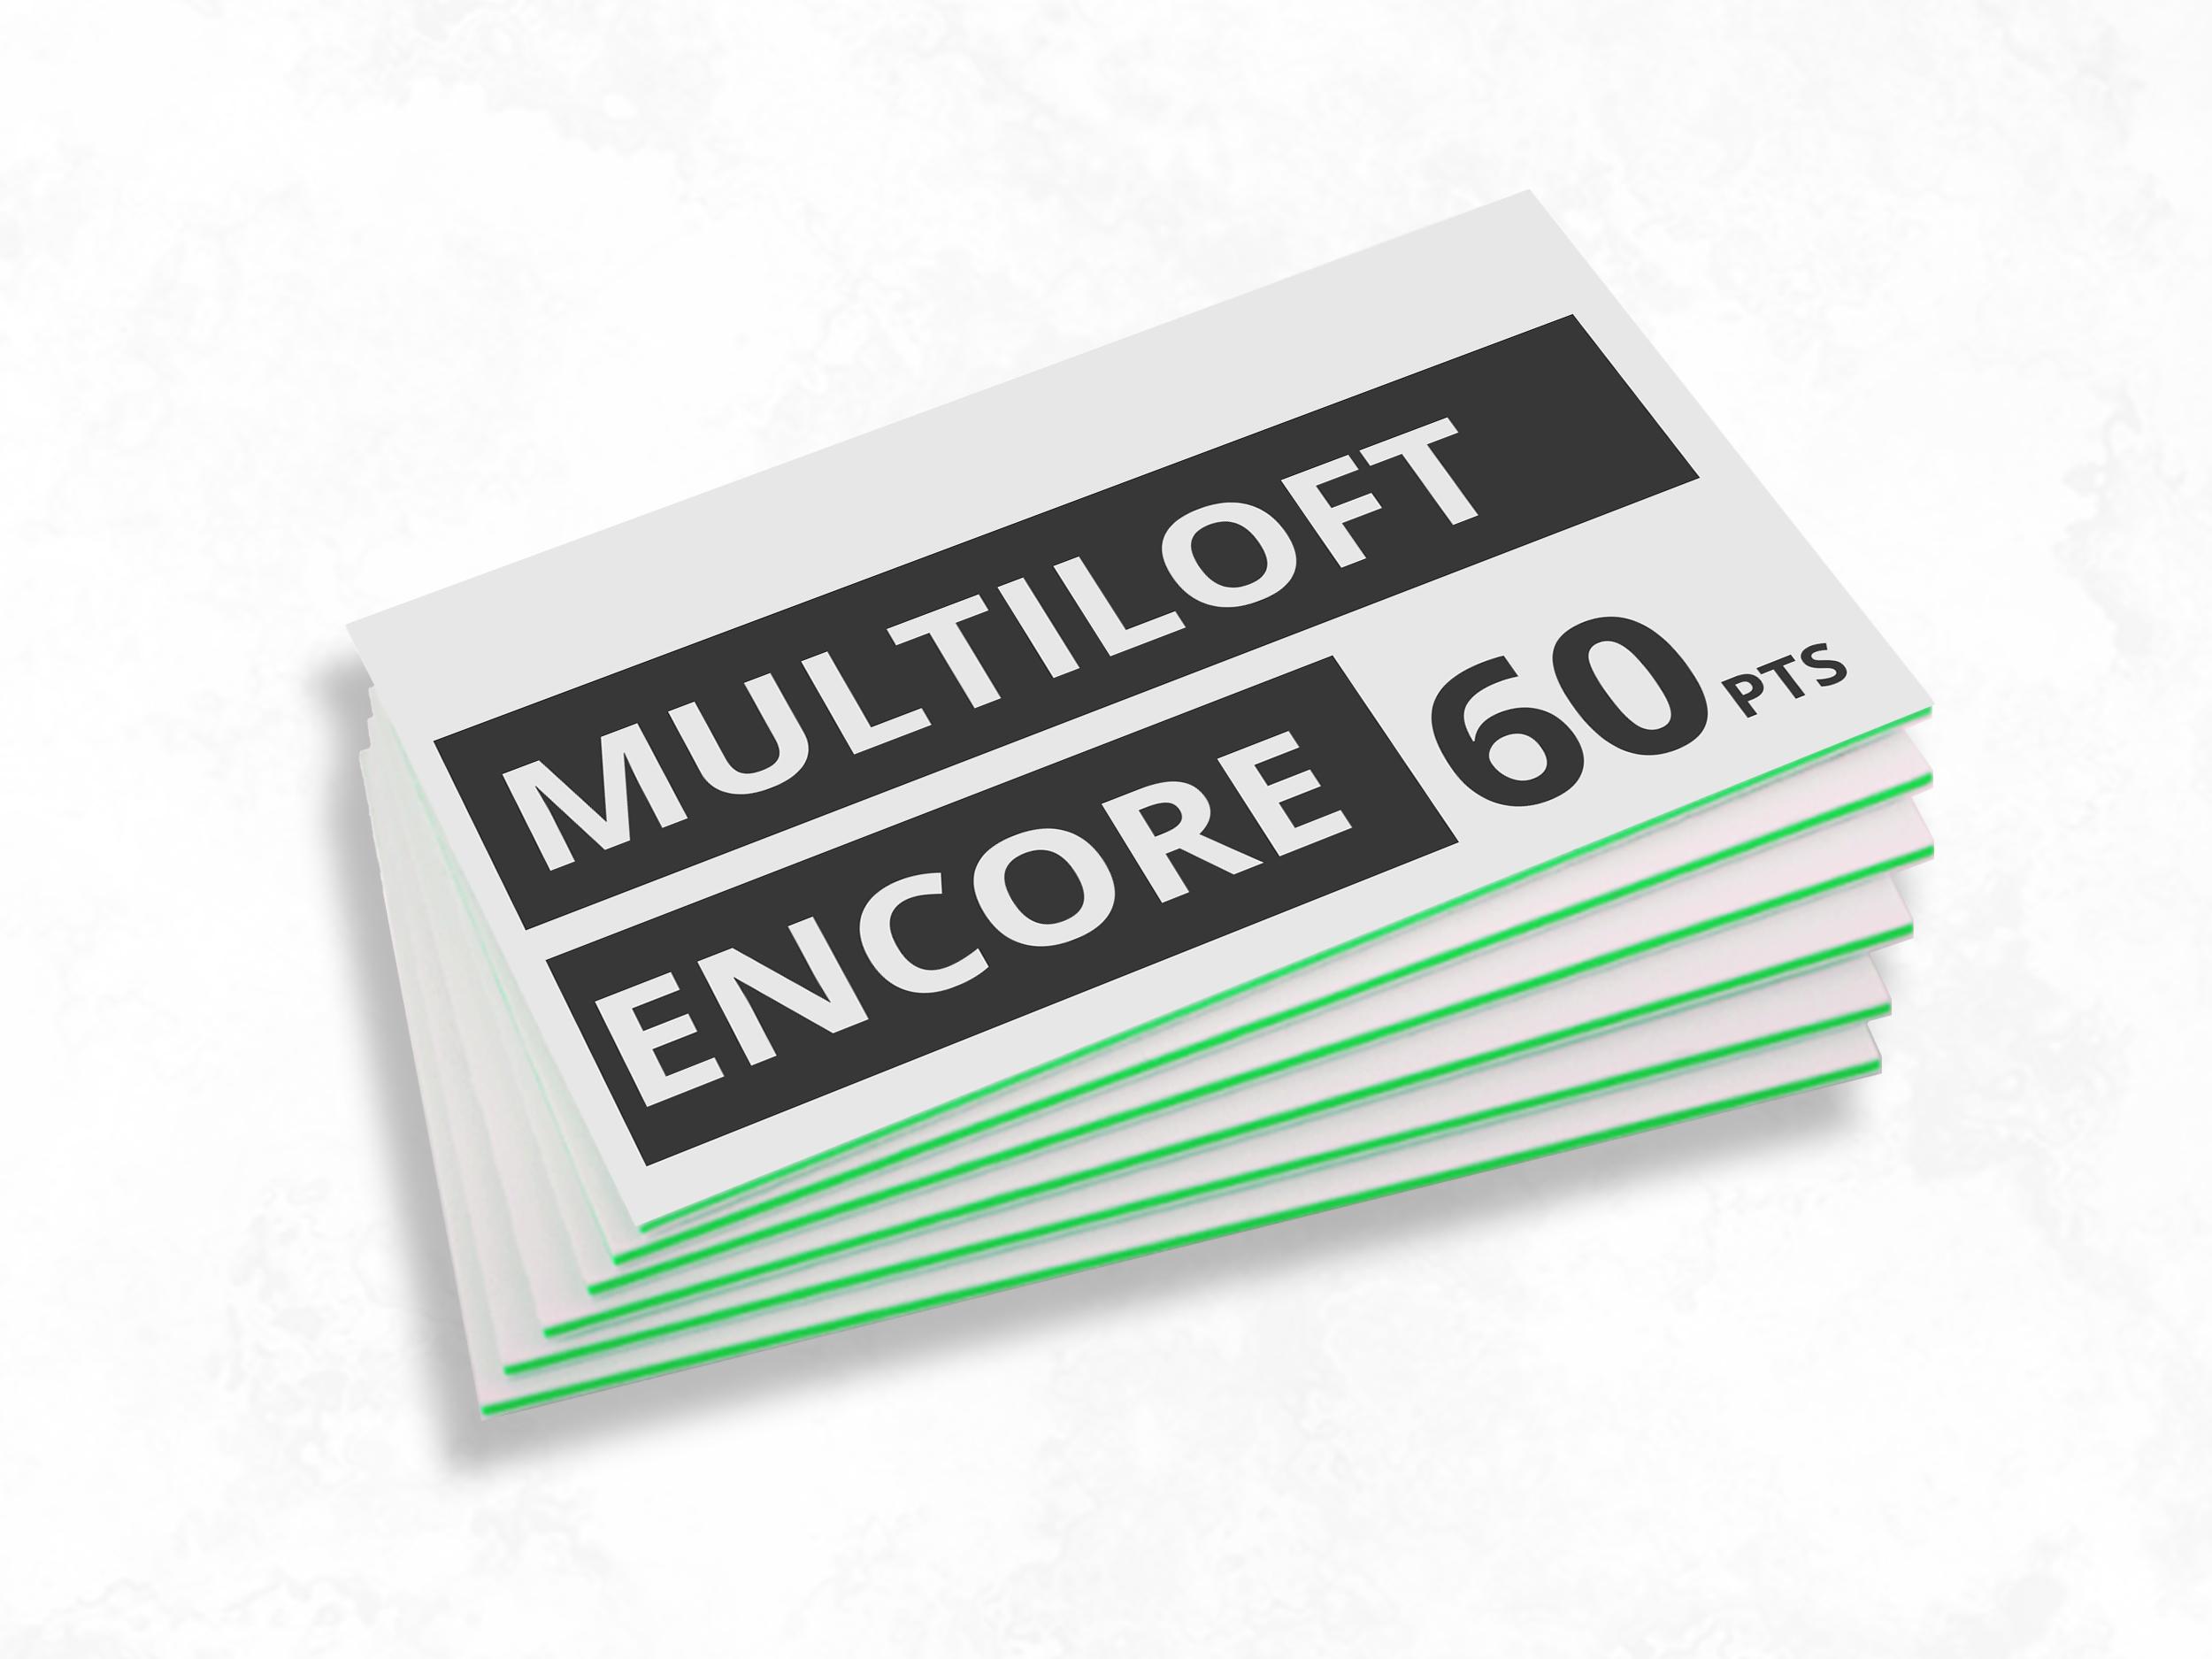 http://shop.copycatprint.com.au/images/products_gallery_images/Multiloft_60pt.jpg